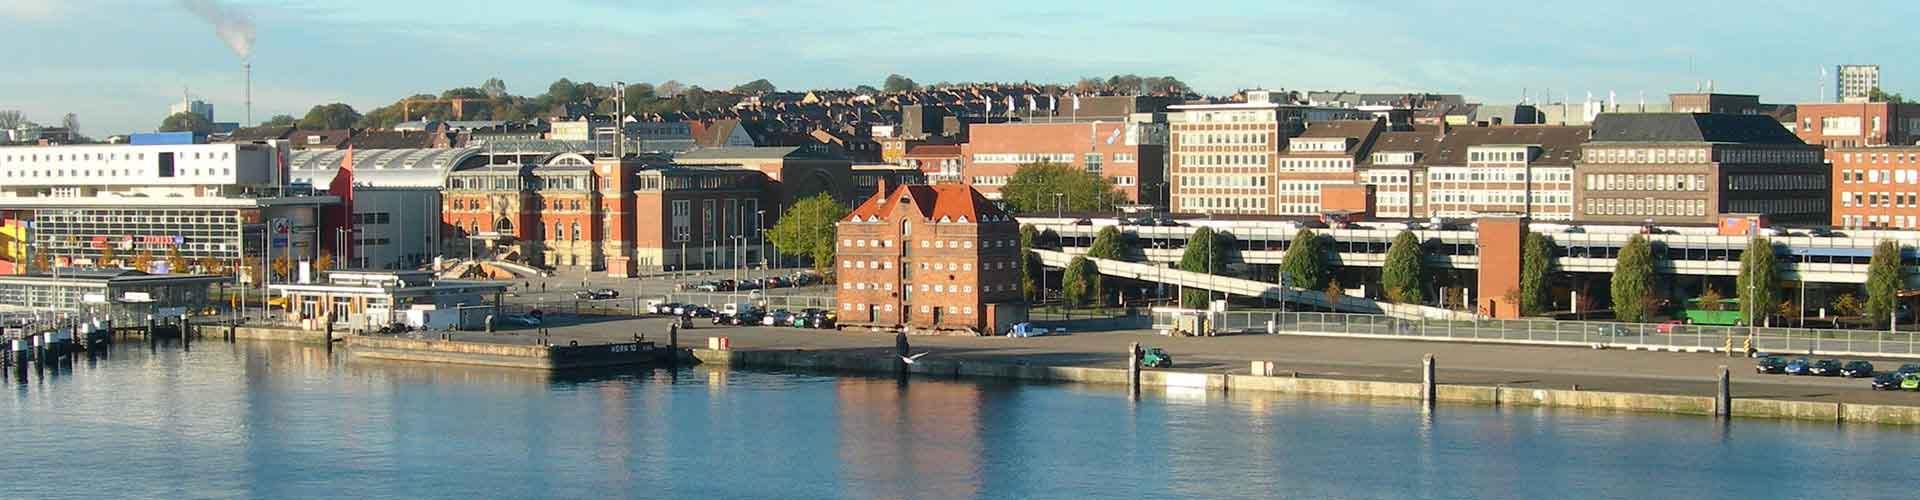 Kiel - Auberges de jeunesse à Kiel. Cartes pour Kiel, photos et commentaires pour chaque auberge de jeunesse à Kiel.